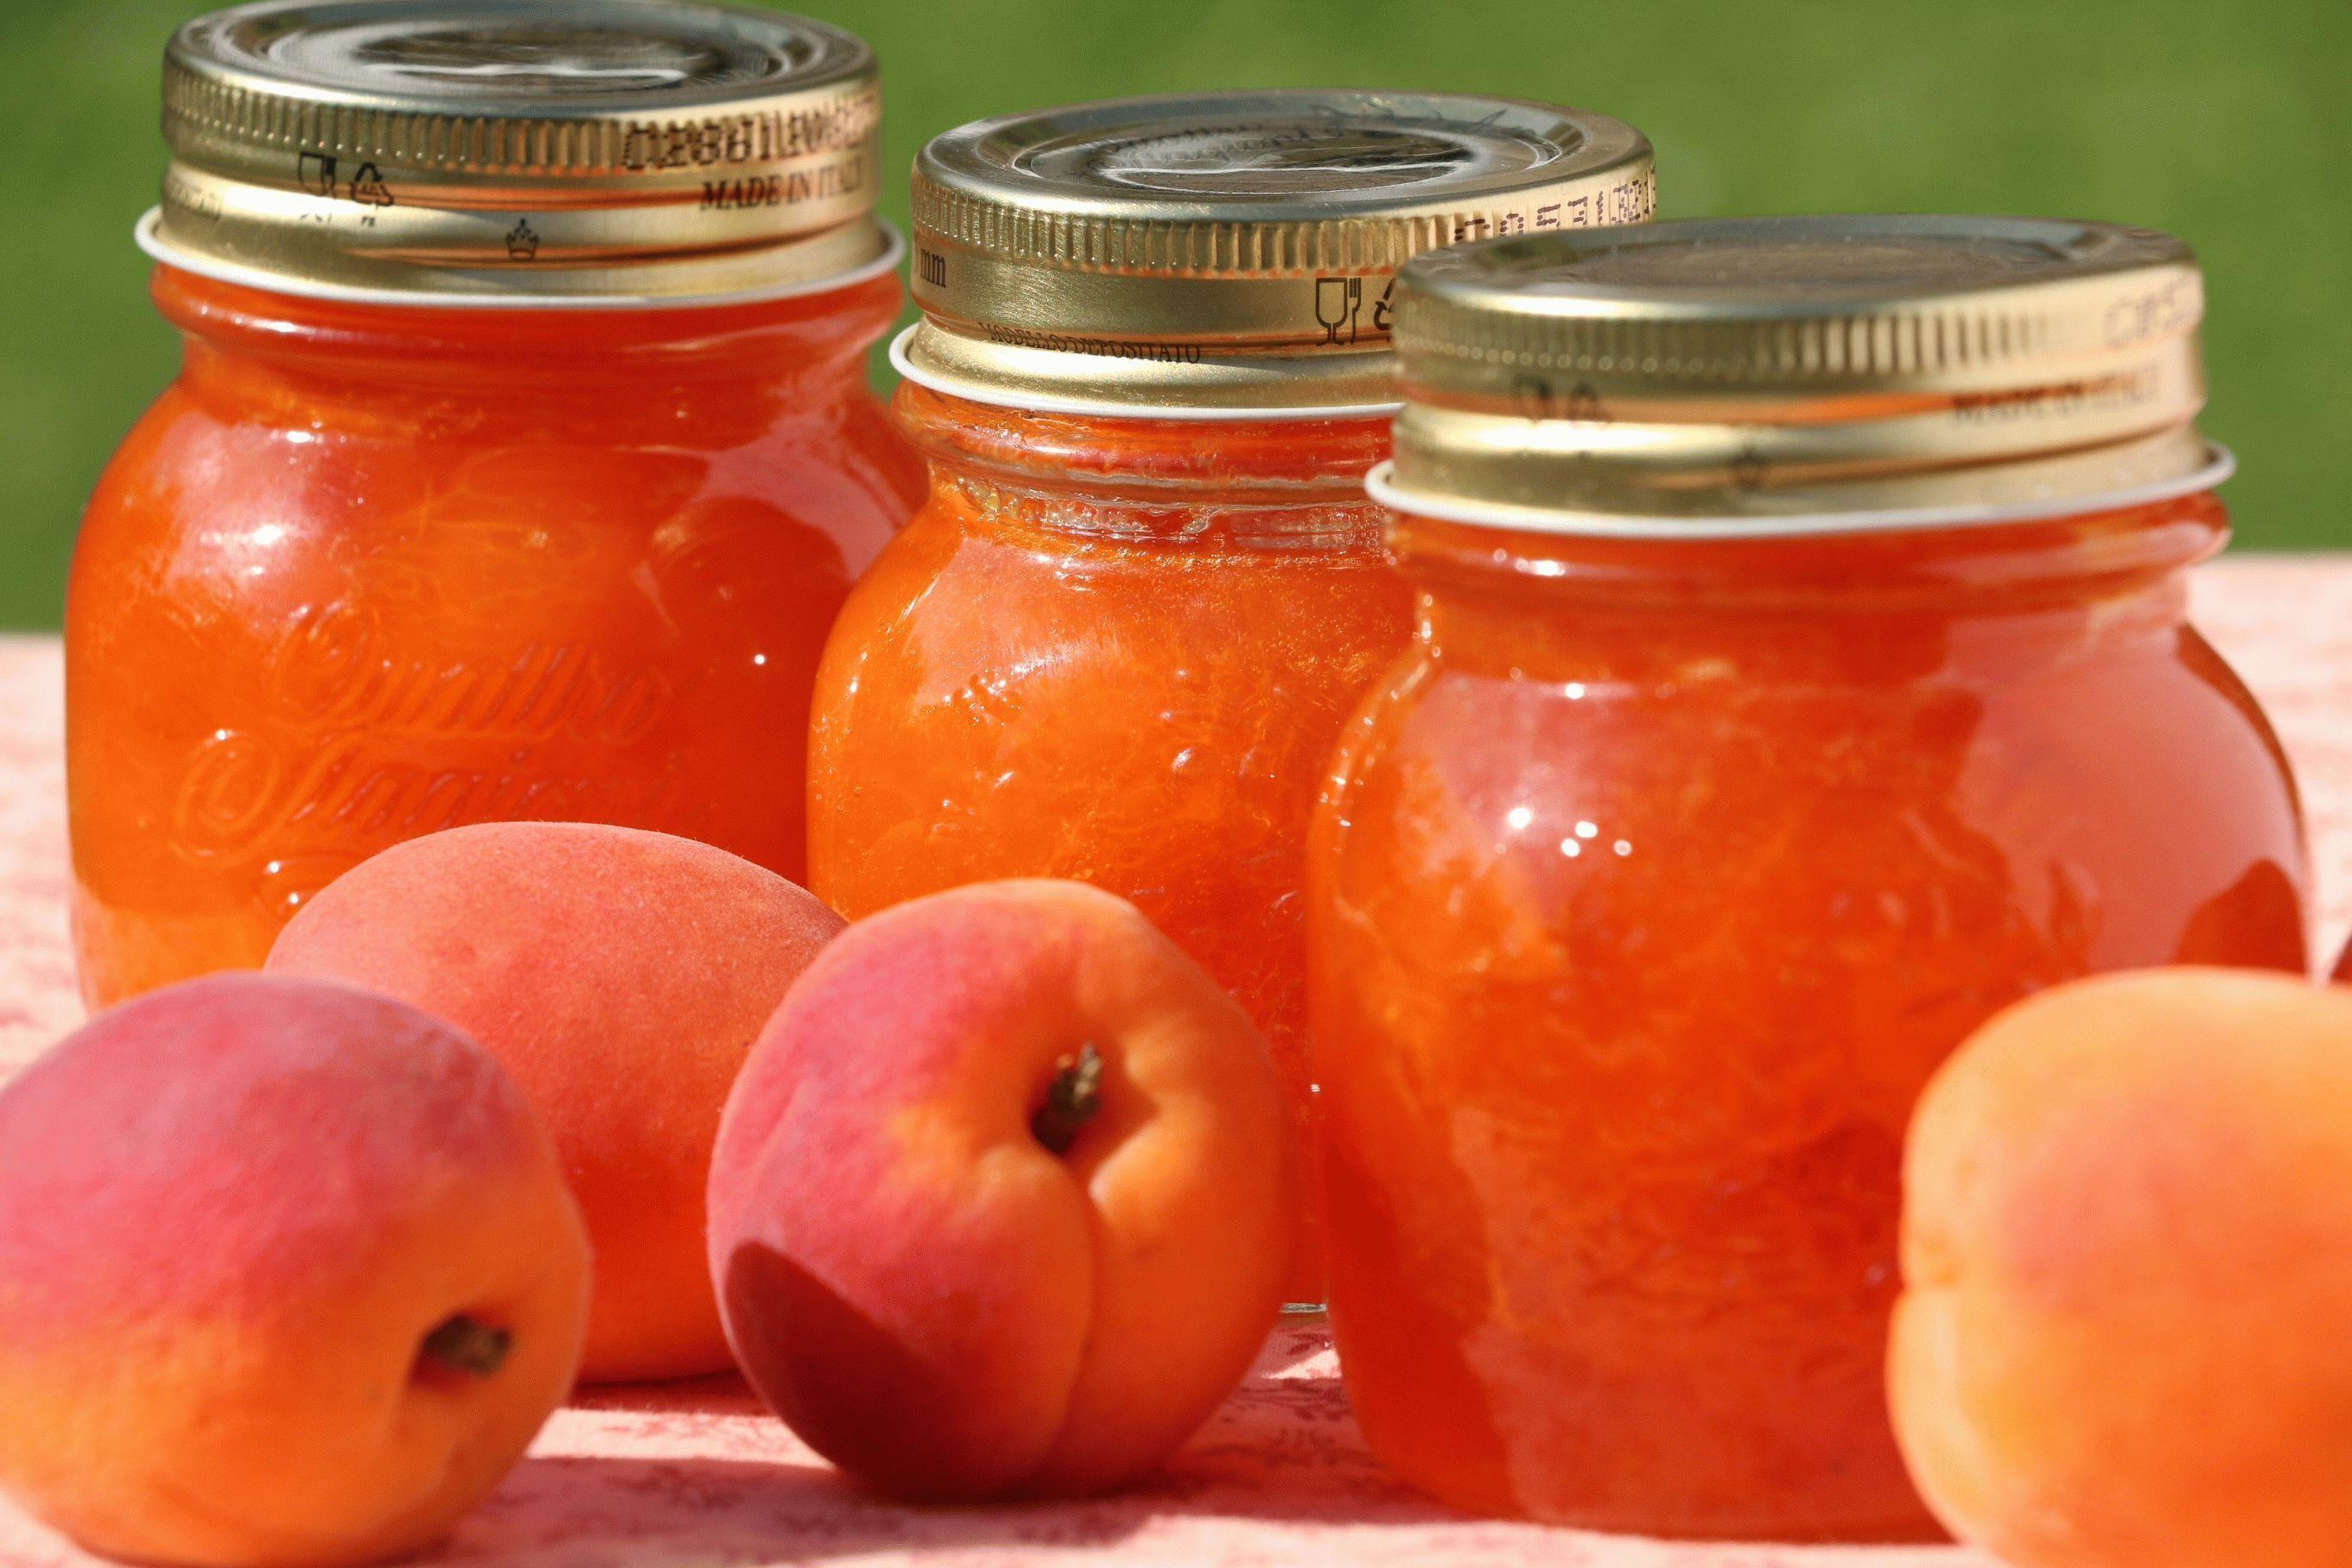 Джем из абрикосов — простой рецепт вкусной сладкой заготовки - хитрости жизни - медиаплатформа миртесен